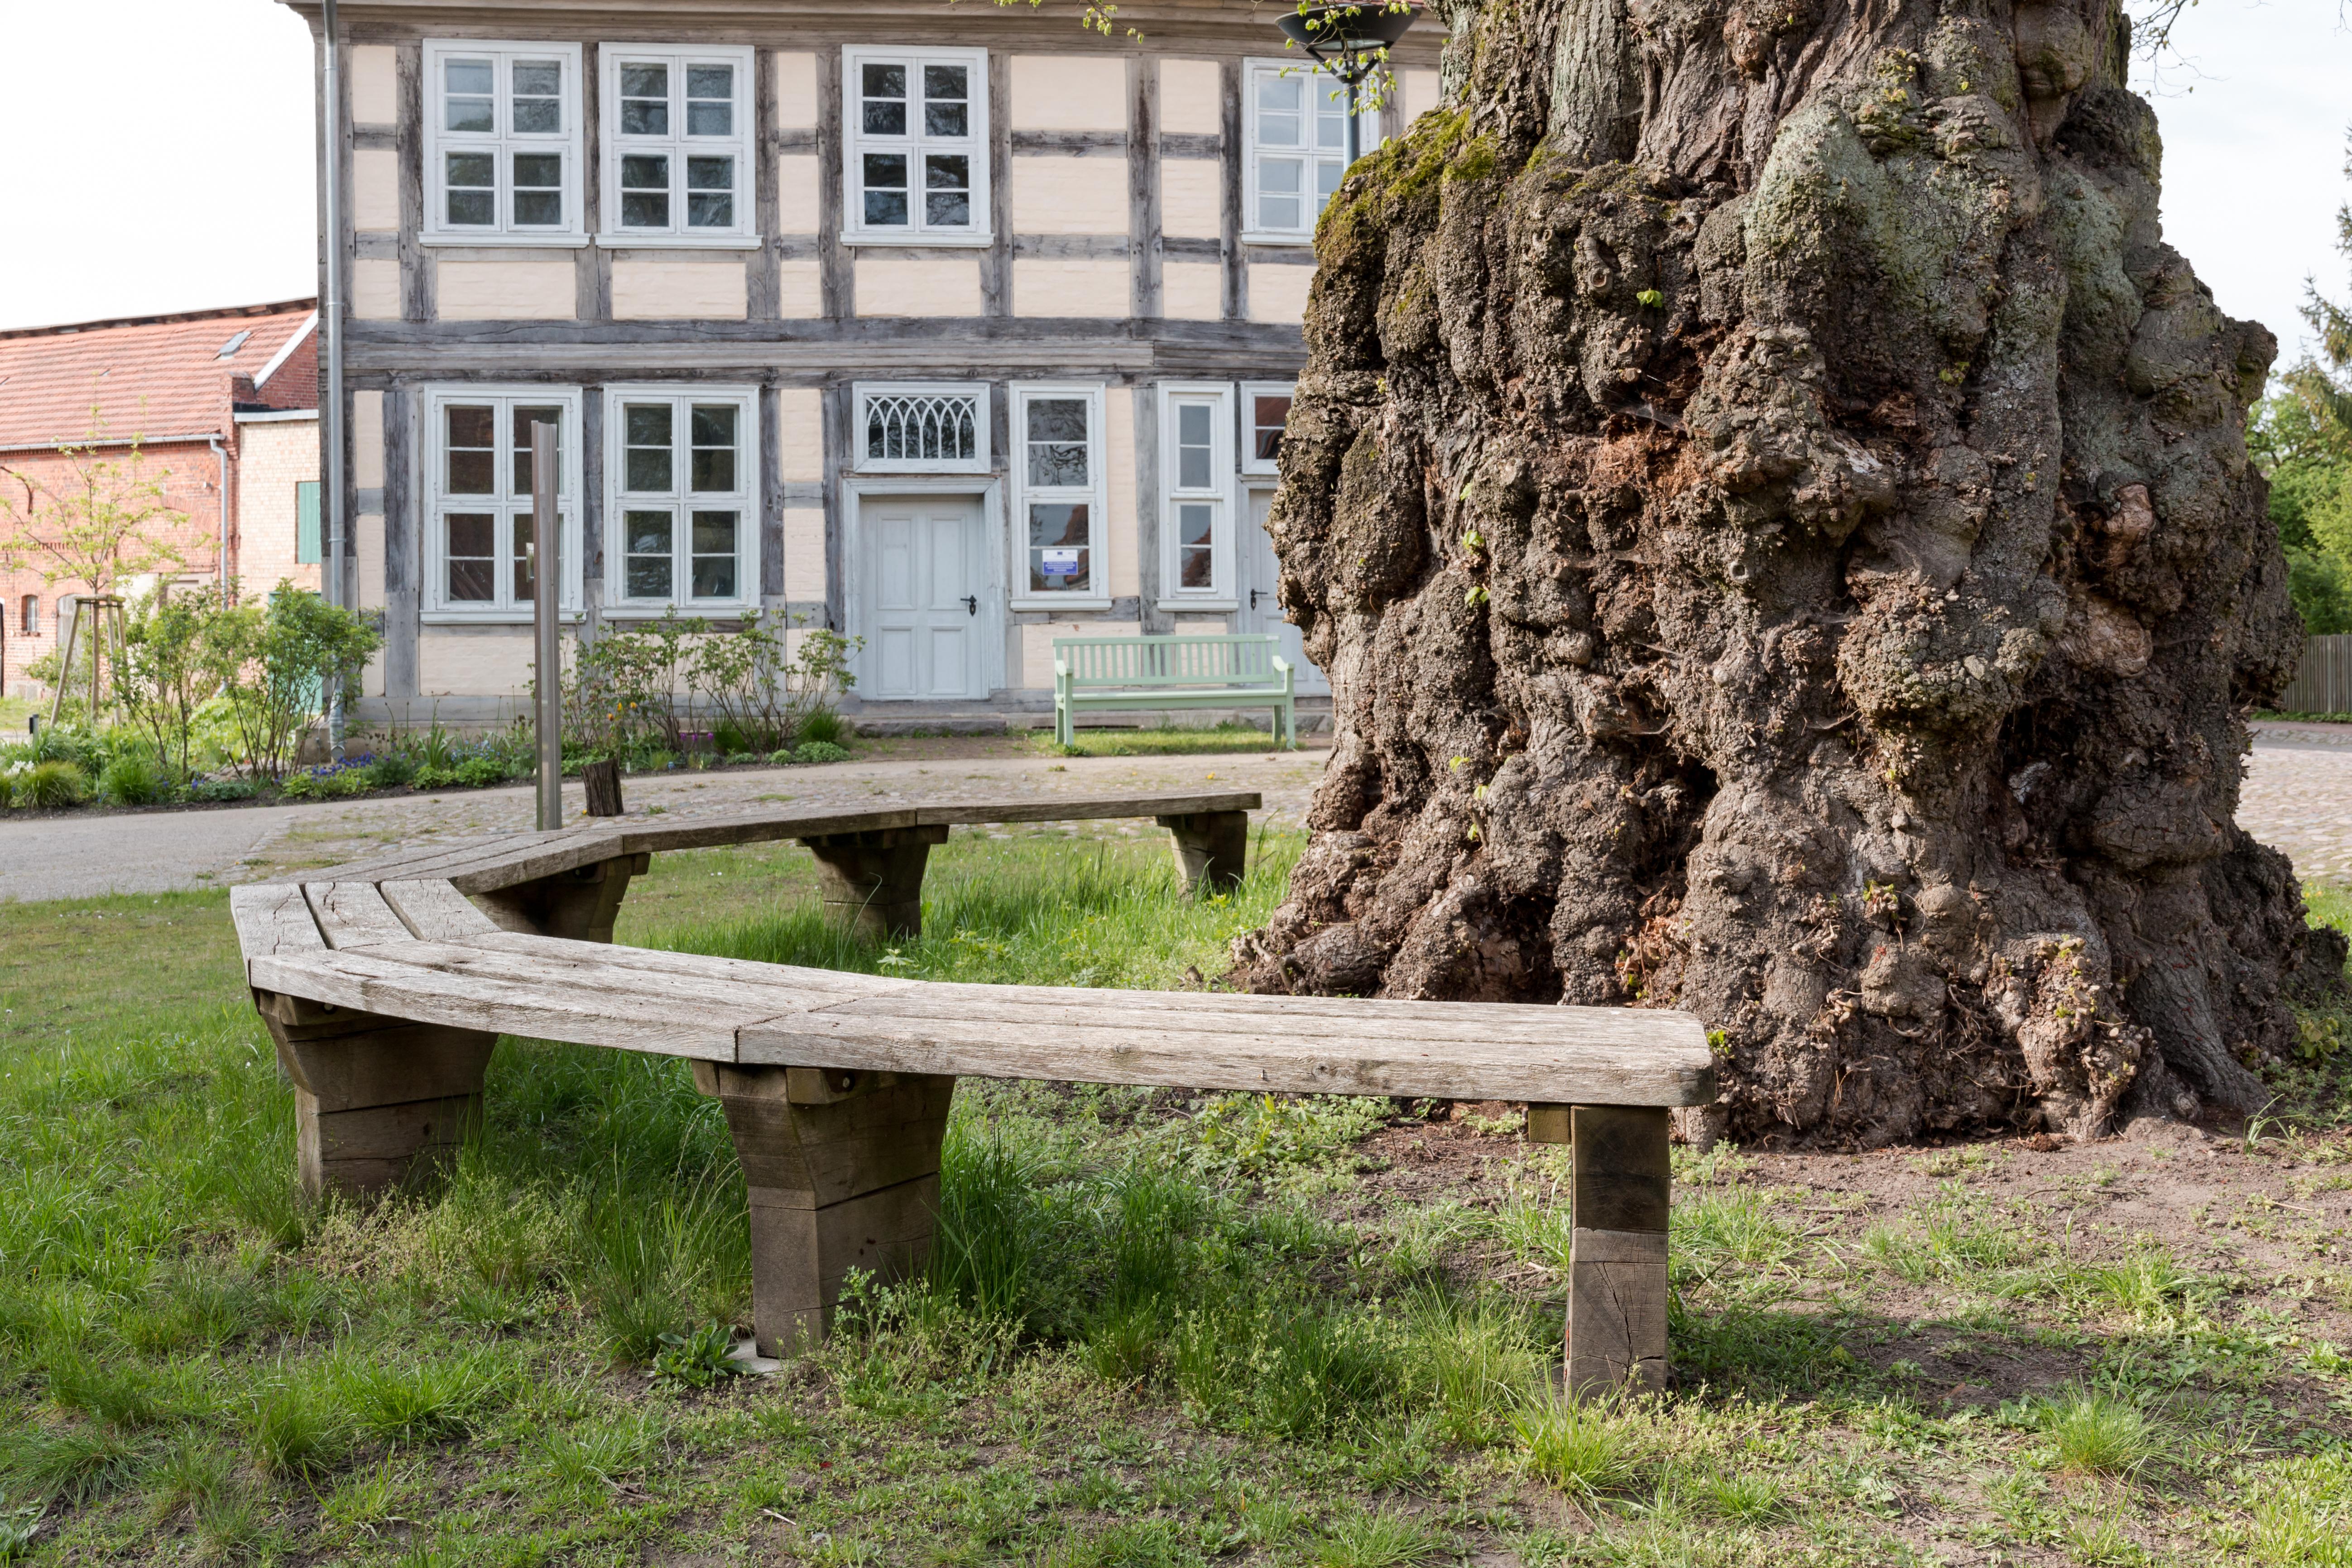 Nordhaus Dk file heiligengrabe kloster stift zum heiligengrabe damenplatz und